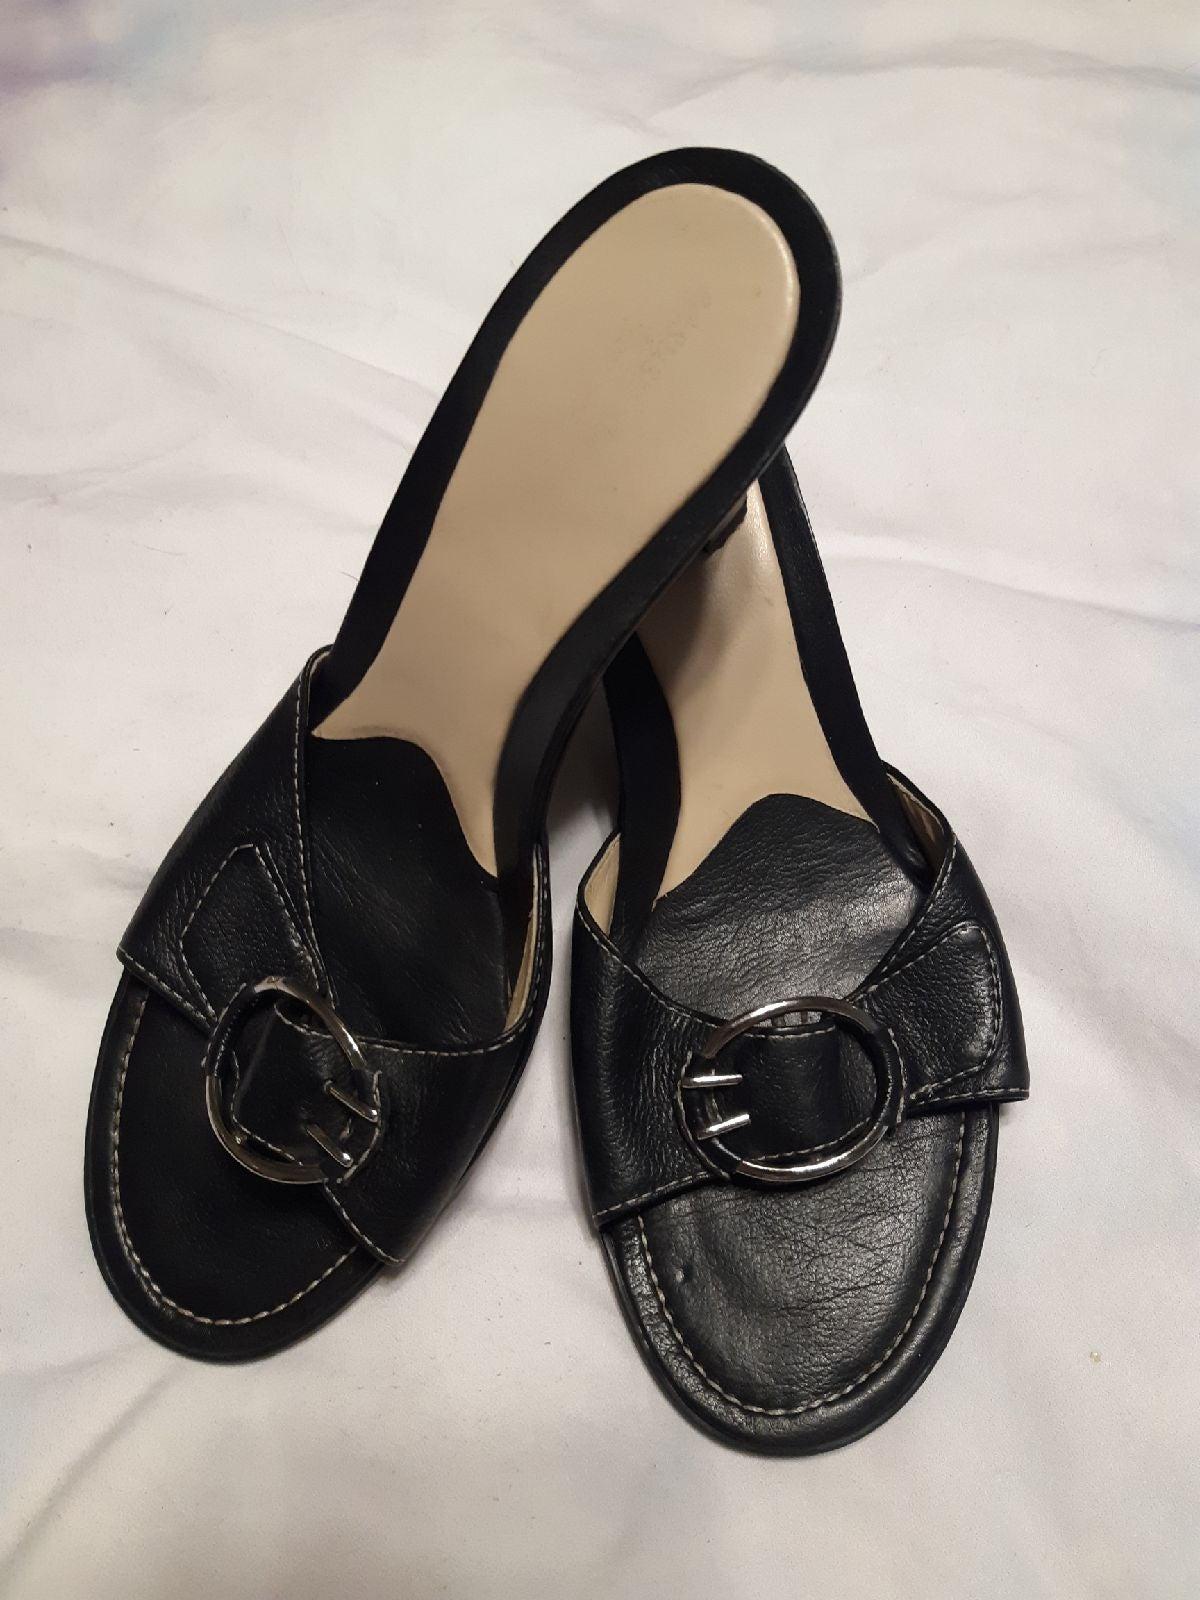 Easy Spirit Black Heel 6.5